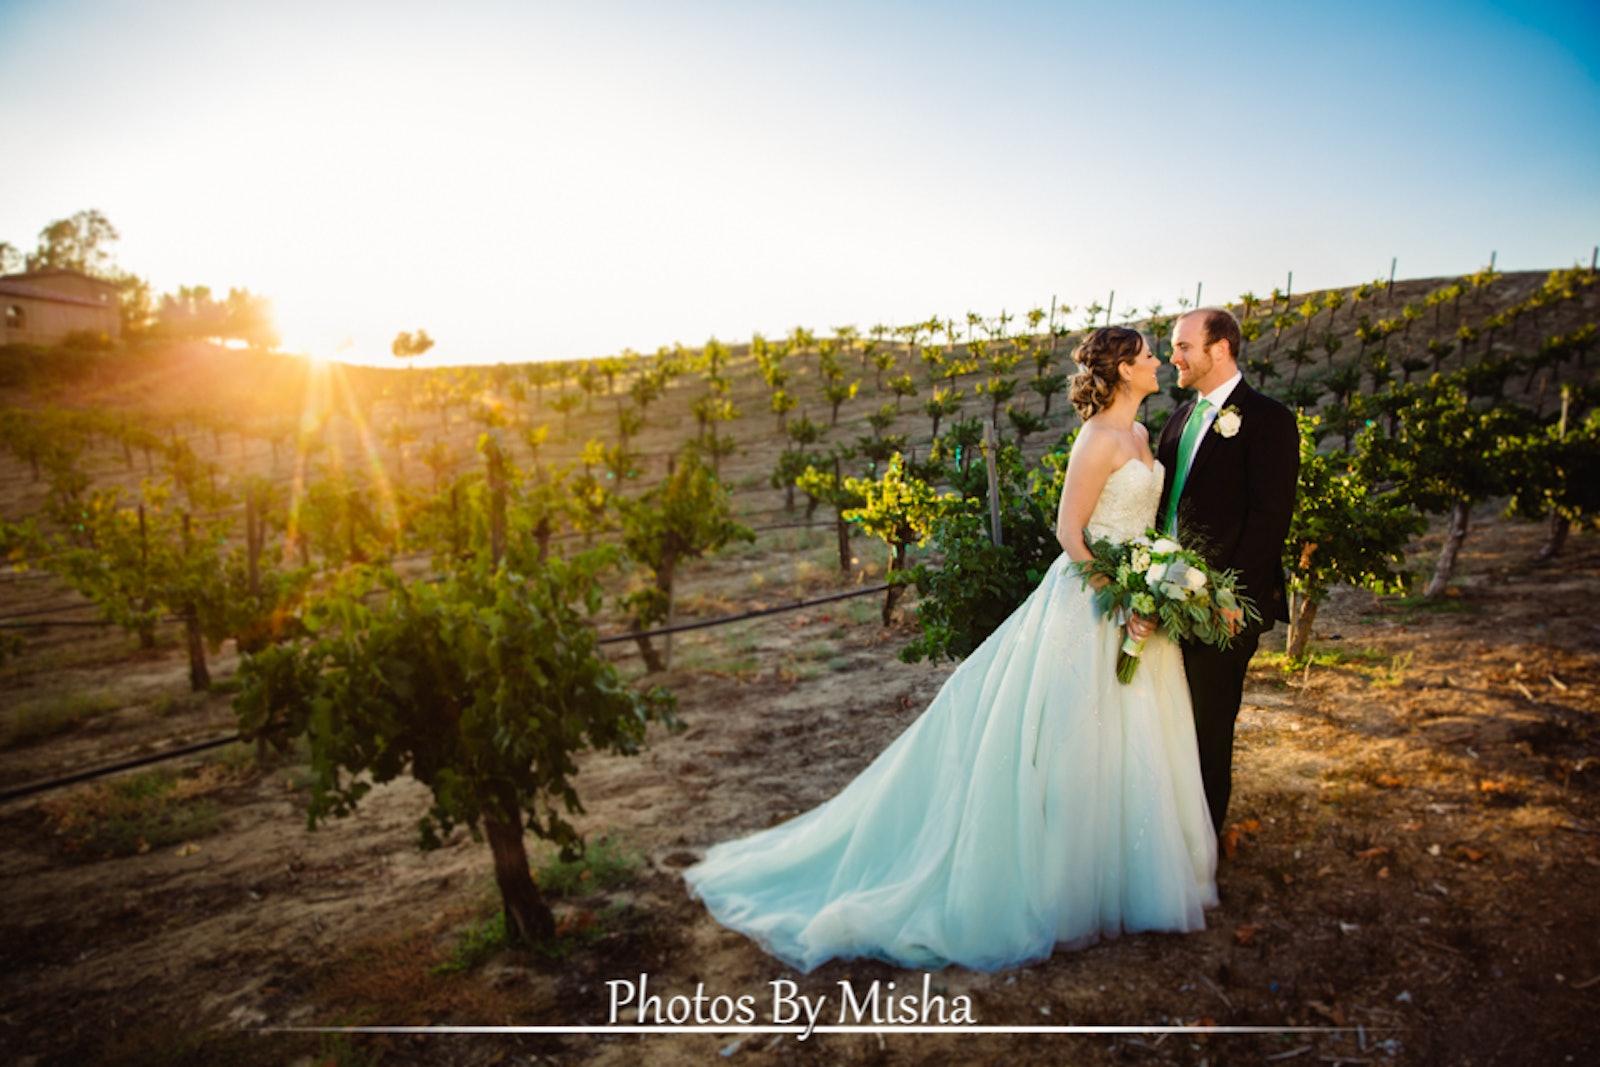 442-PBM-Speidel-Wedding